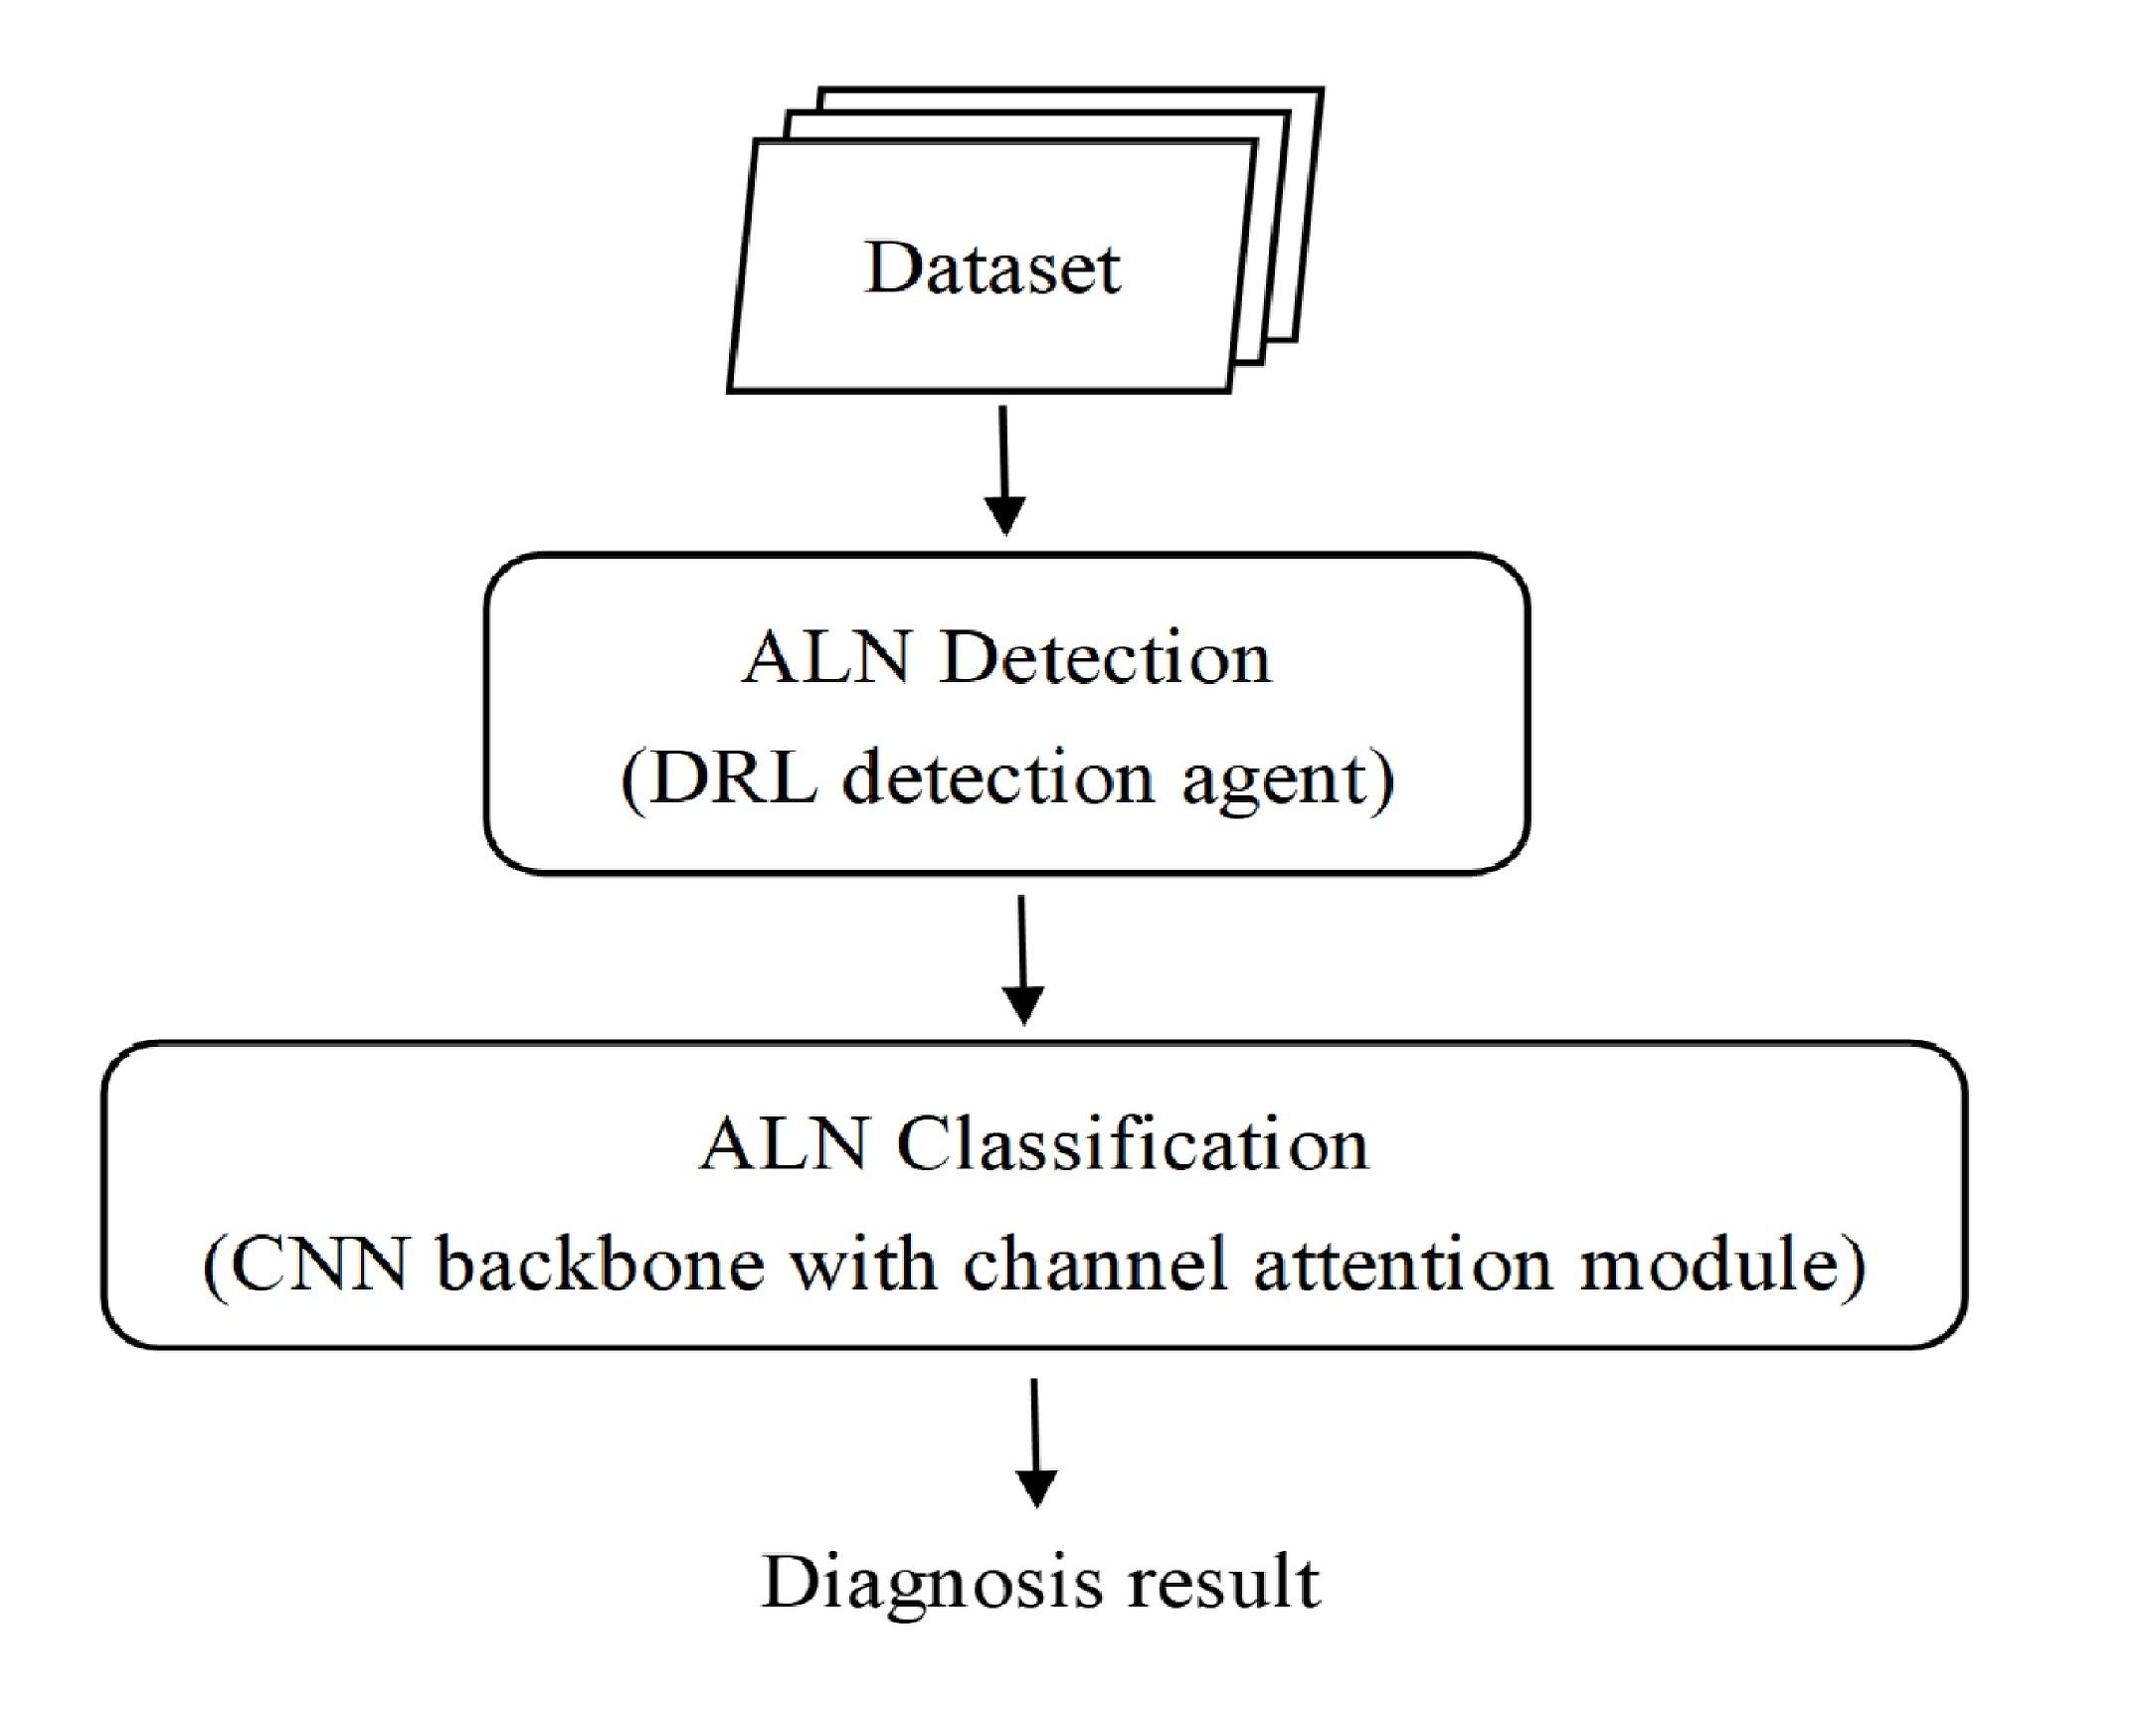 深度強化學習框架使用超音波影像診斷腋窩淋巴結狀態